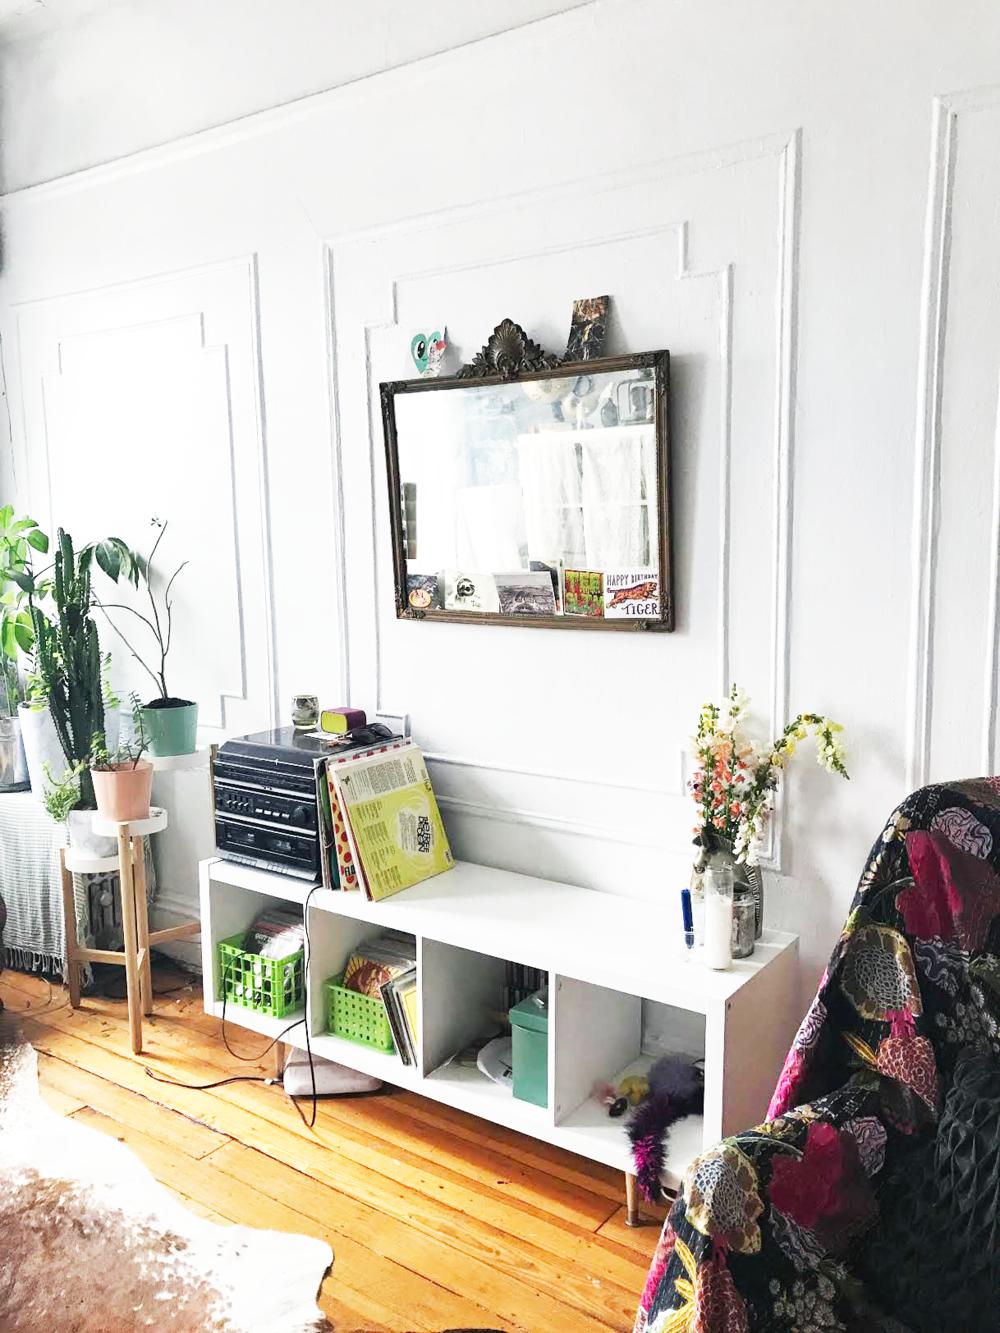 Jessica's apartment in East Williamsburg